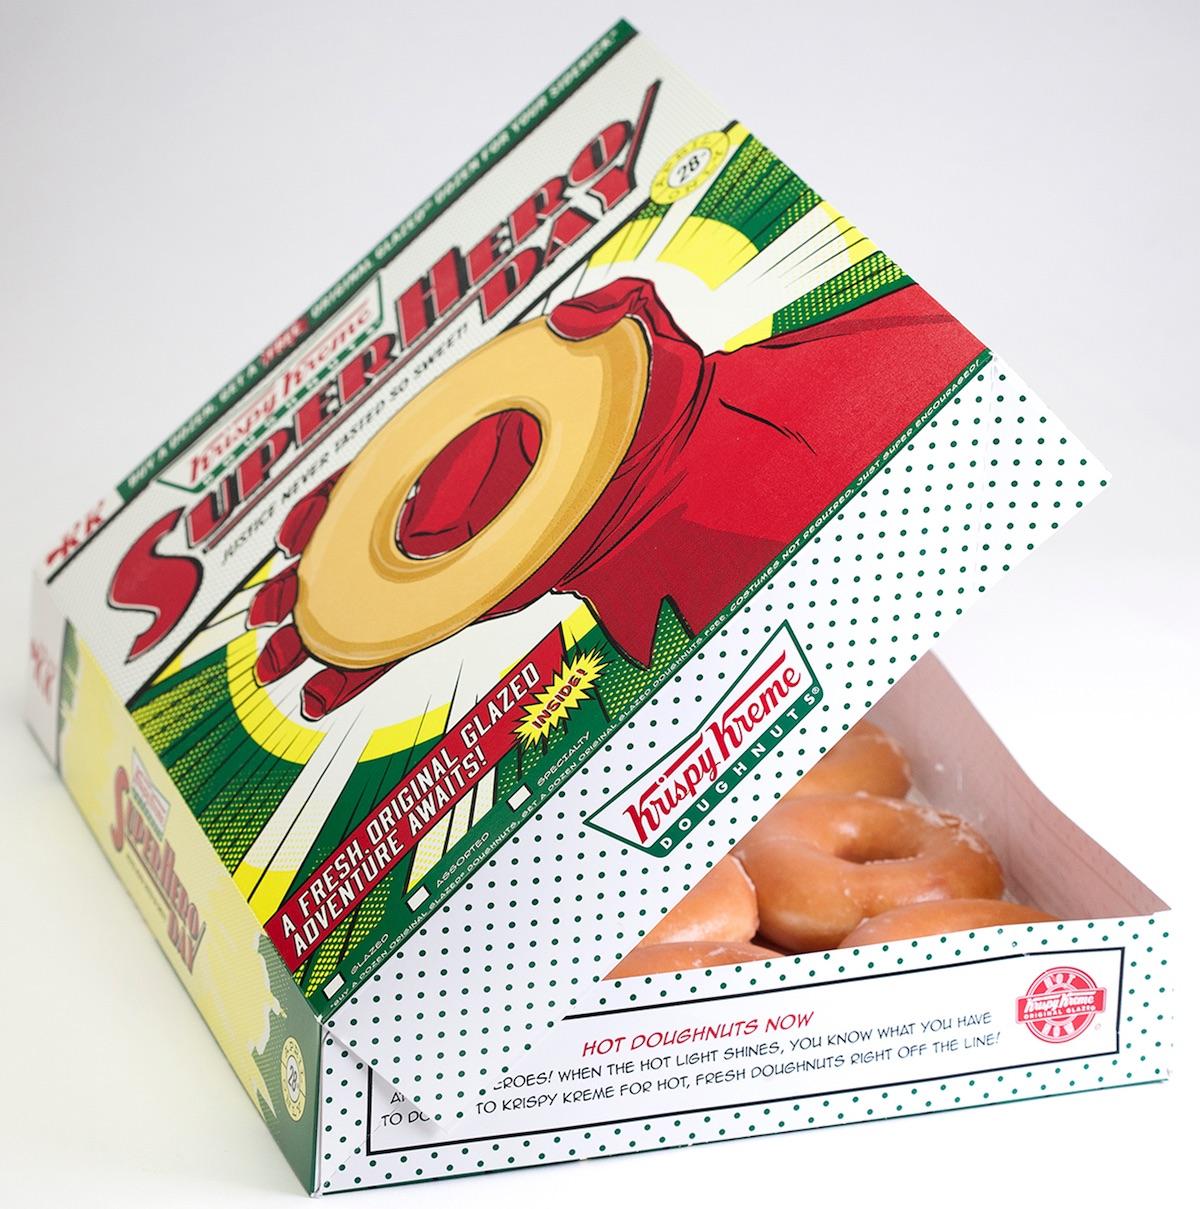 doughnut packaging